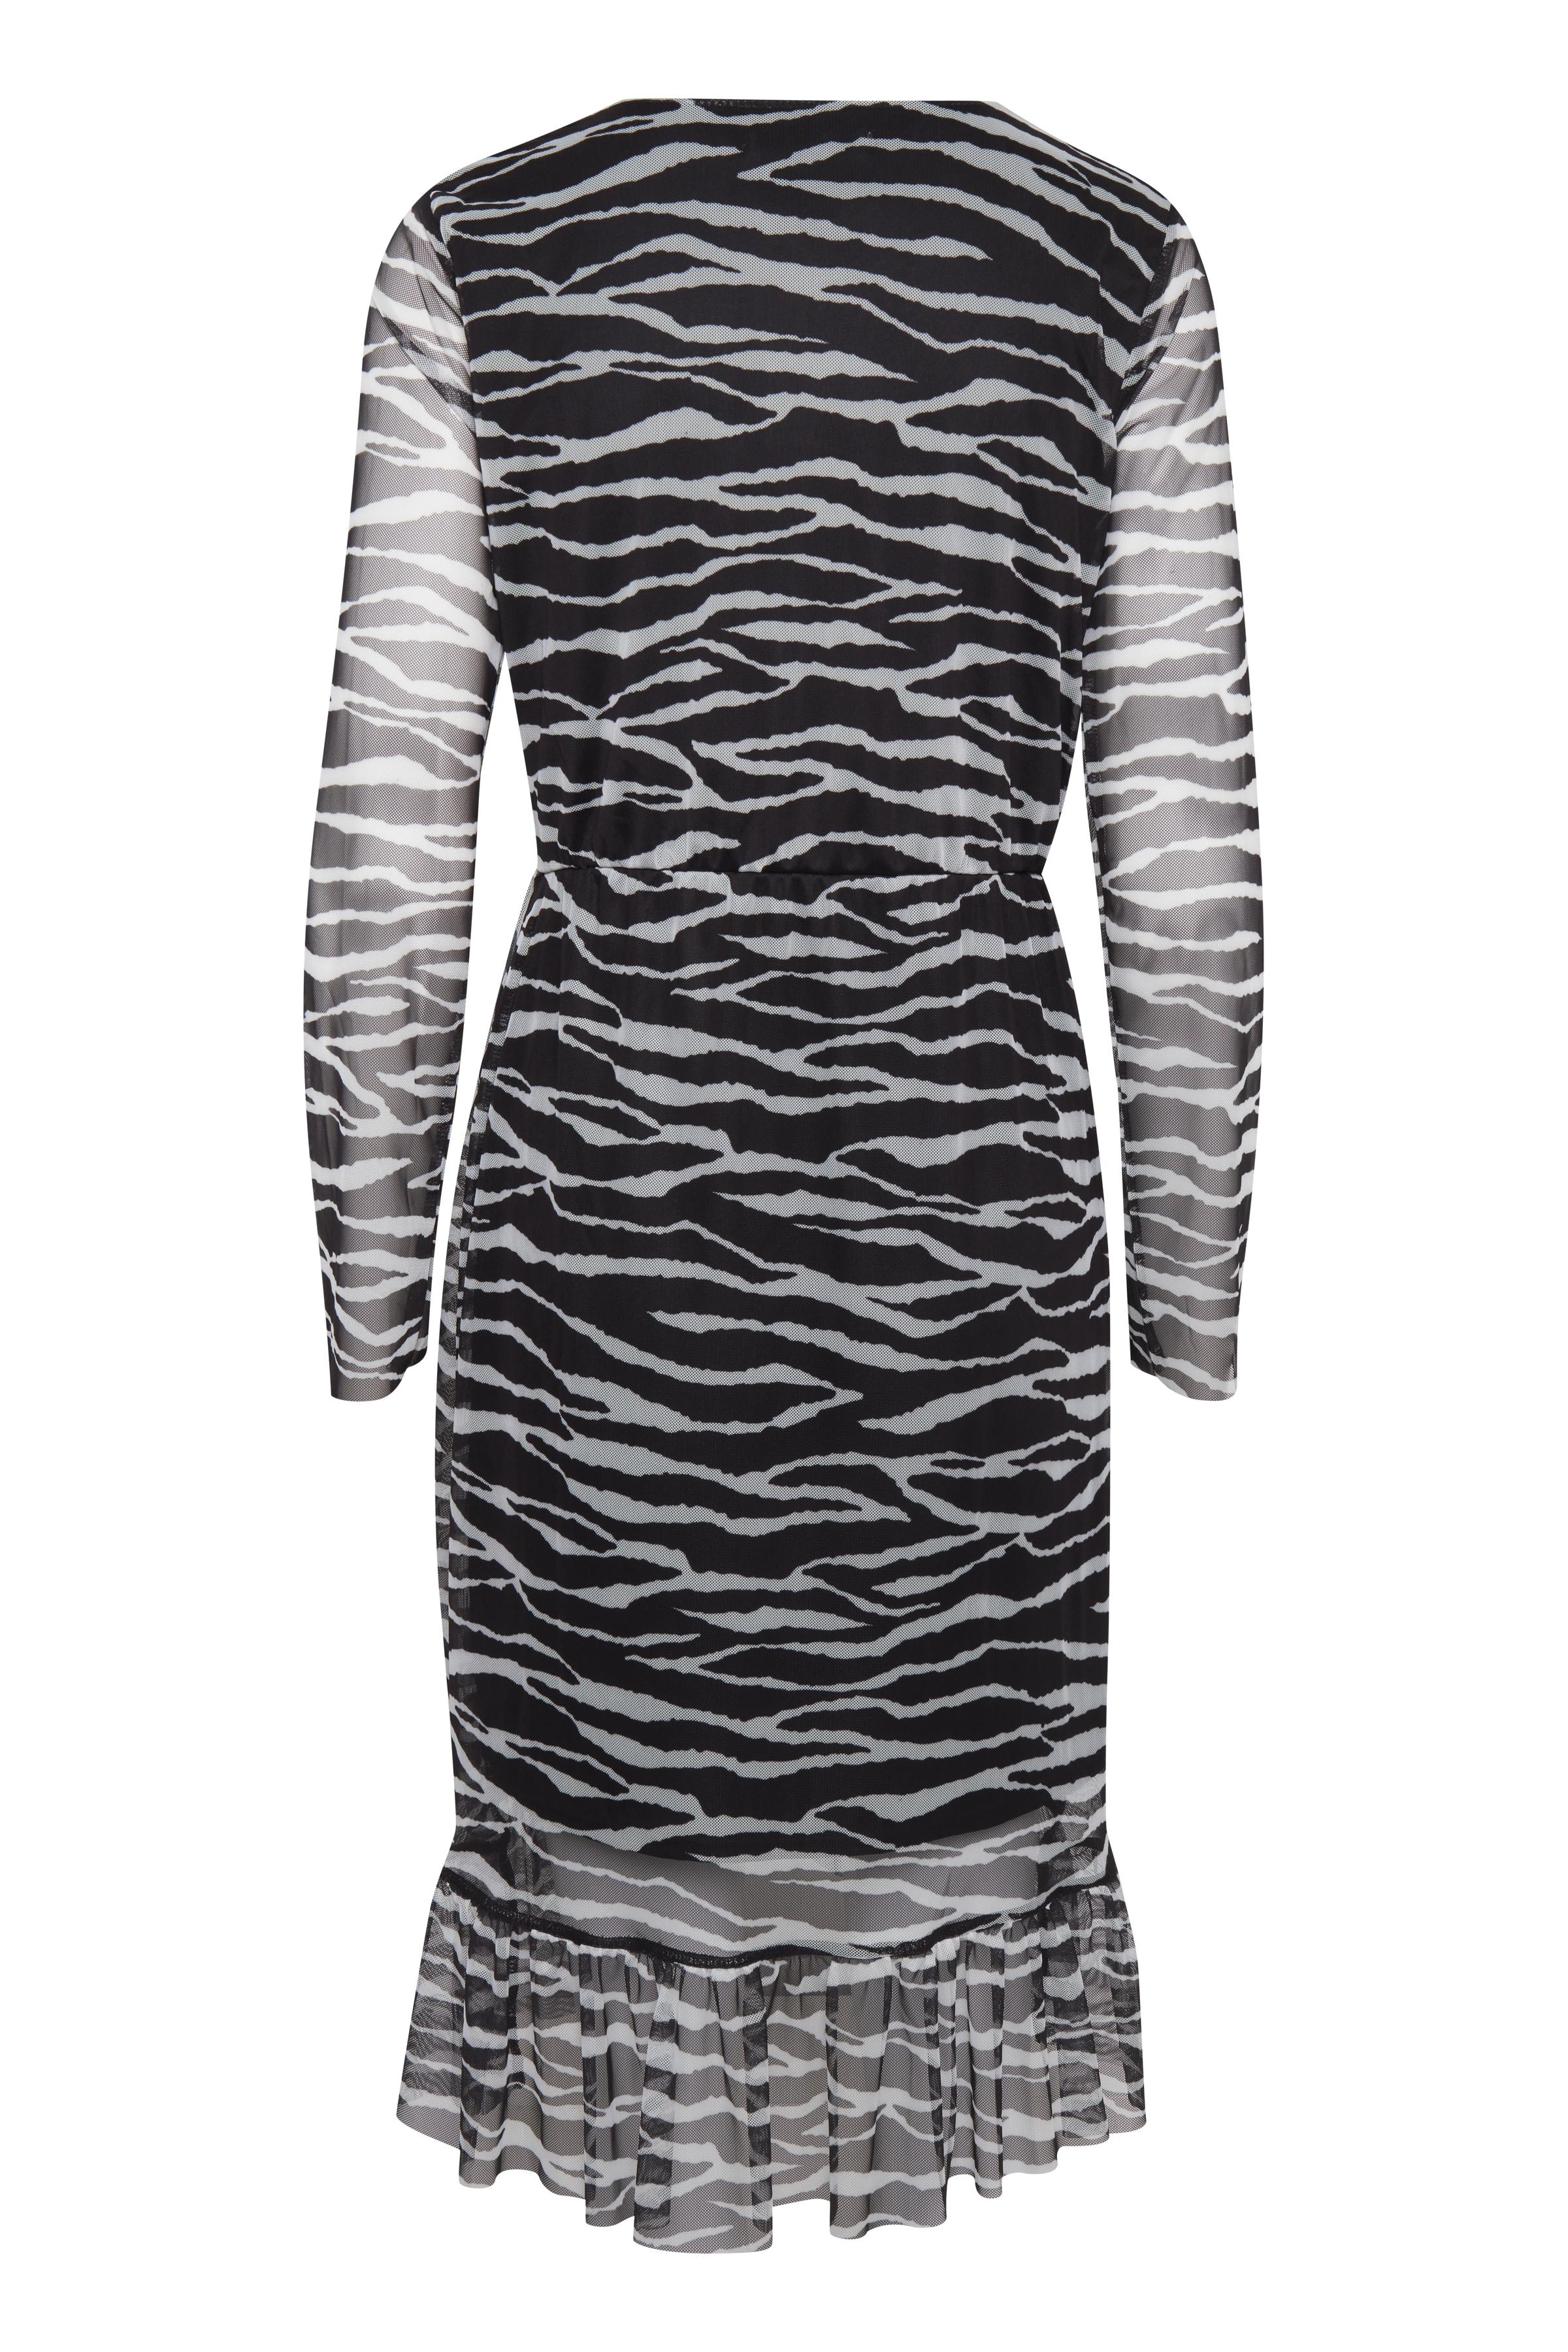 Zebra combi 1 Jerseyklänning från b.young – Köp Zebra combi 1 Jerseyklänning från storlek XS-XL här